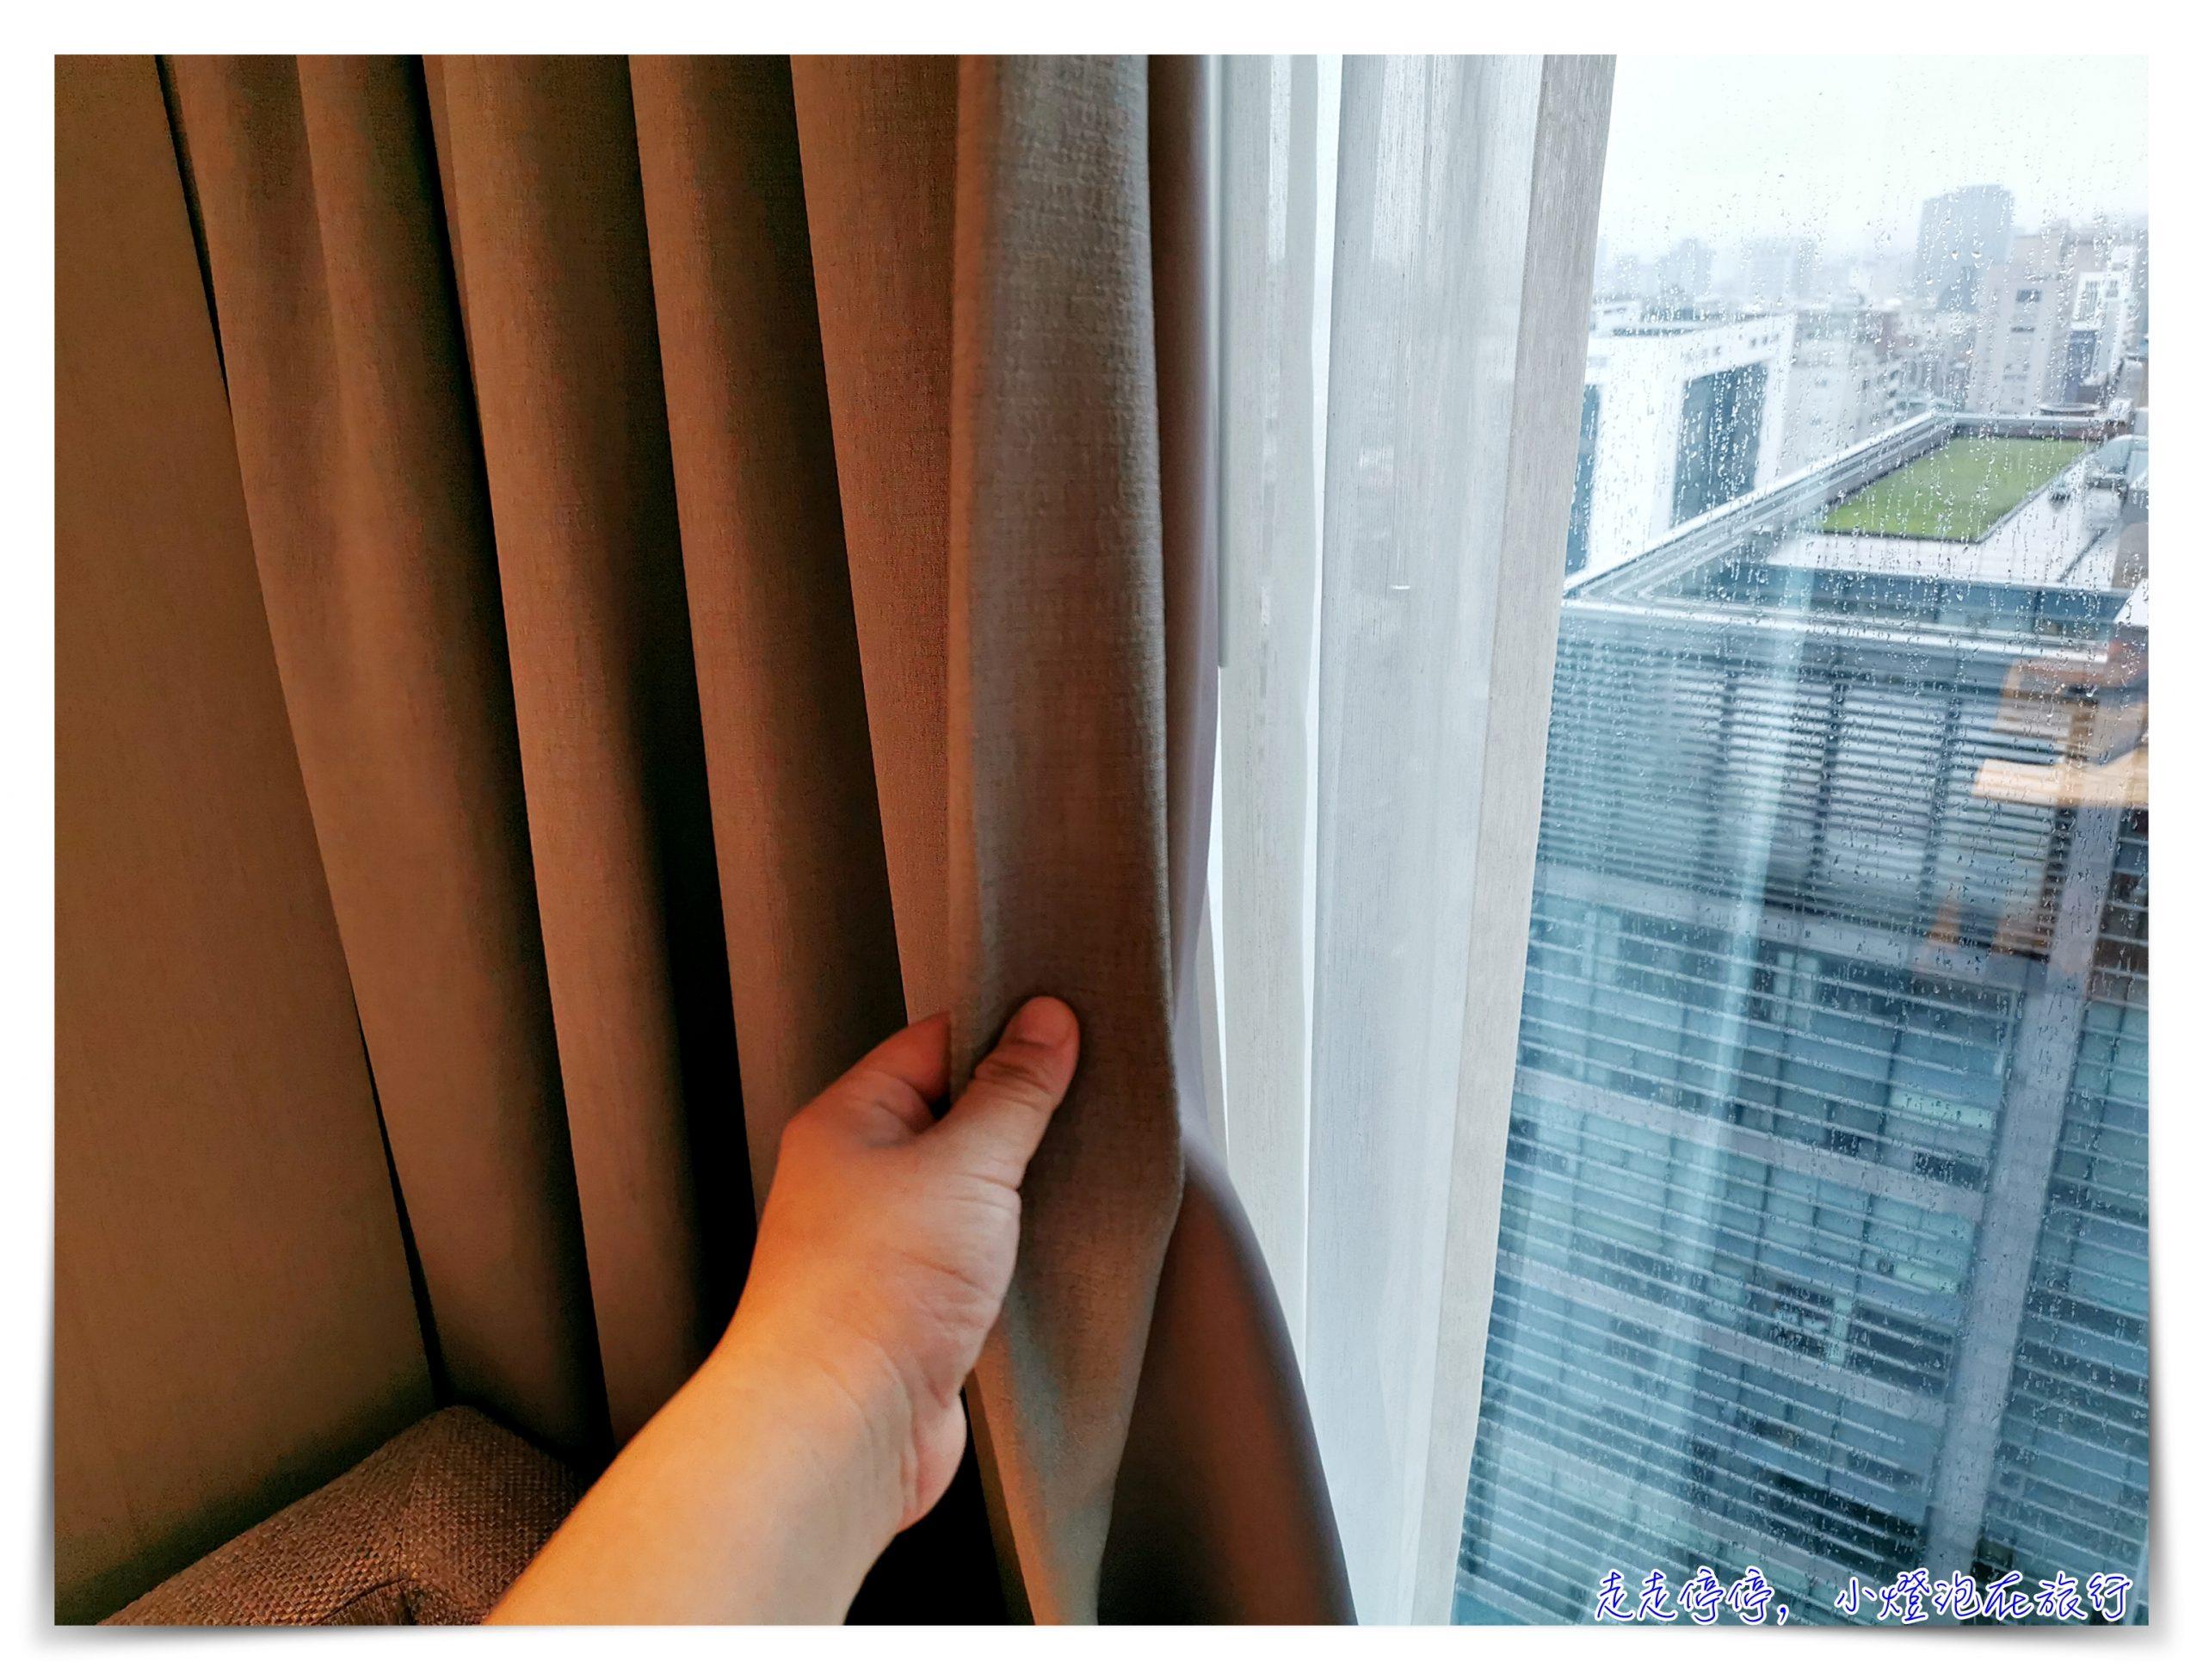 台北國泰萬怡酒店|萬豪會員入手好飯店、101View景房,近行天宮~床超好睡、房間好眠感無敵~